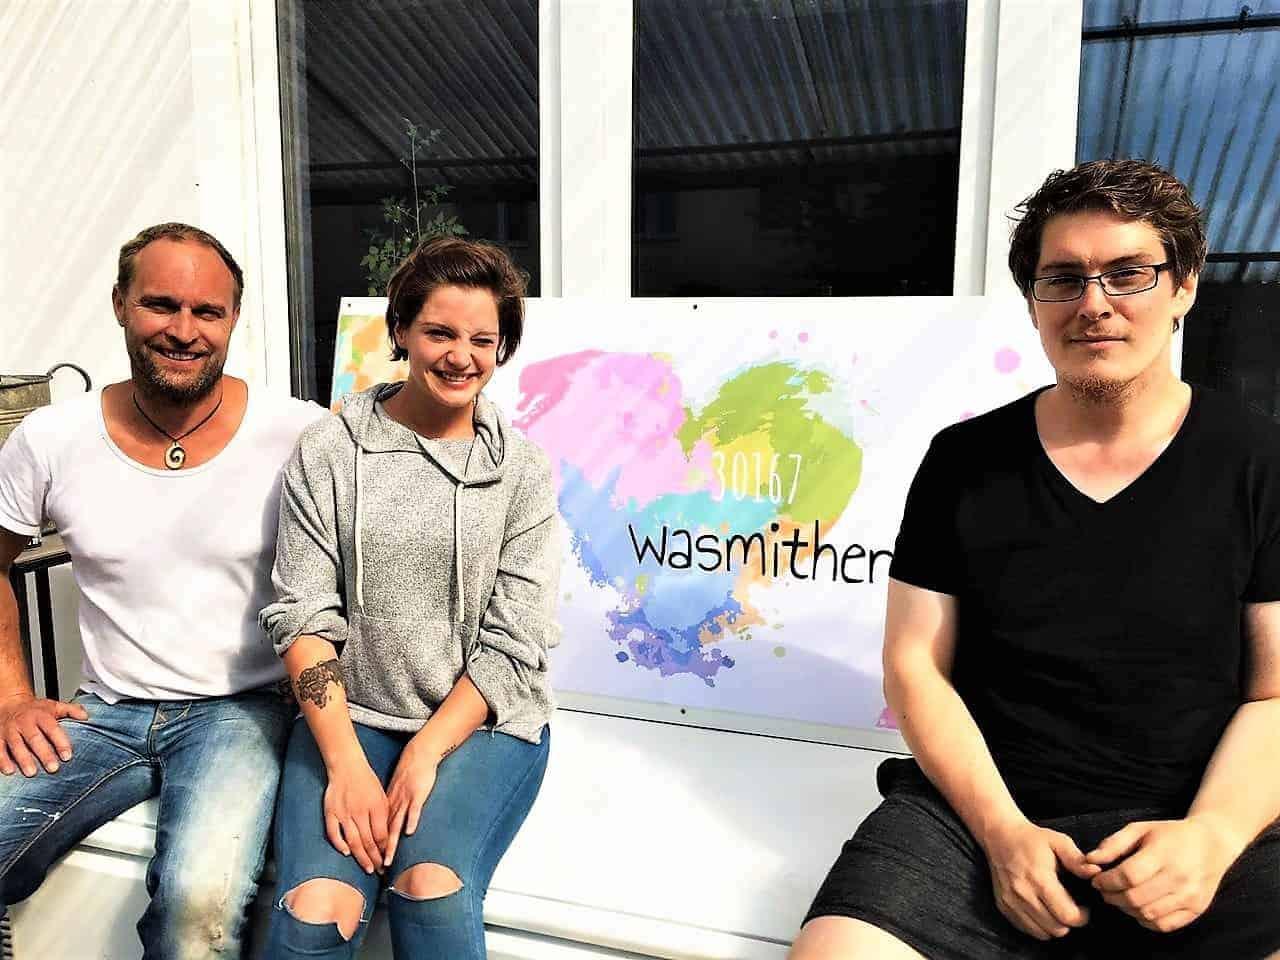 Style Hannover wasmitherz.de Team - wasmitherz - Neue Räume für individuelle Kultur- und Kreativprojekte